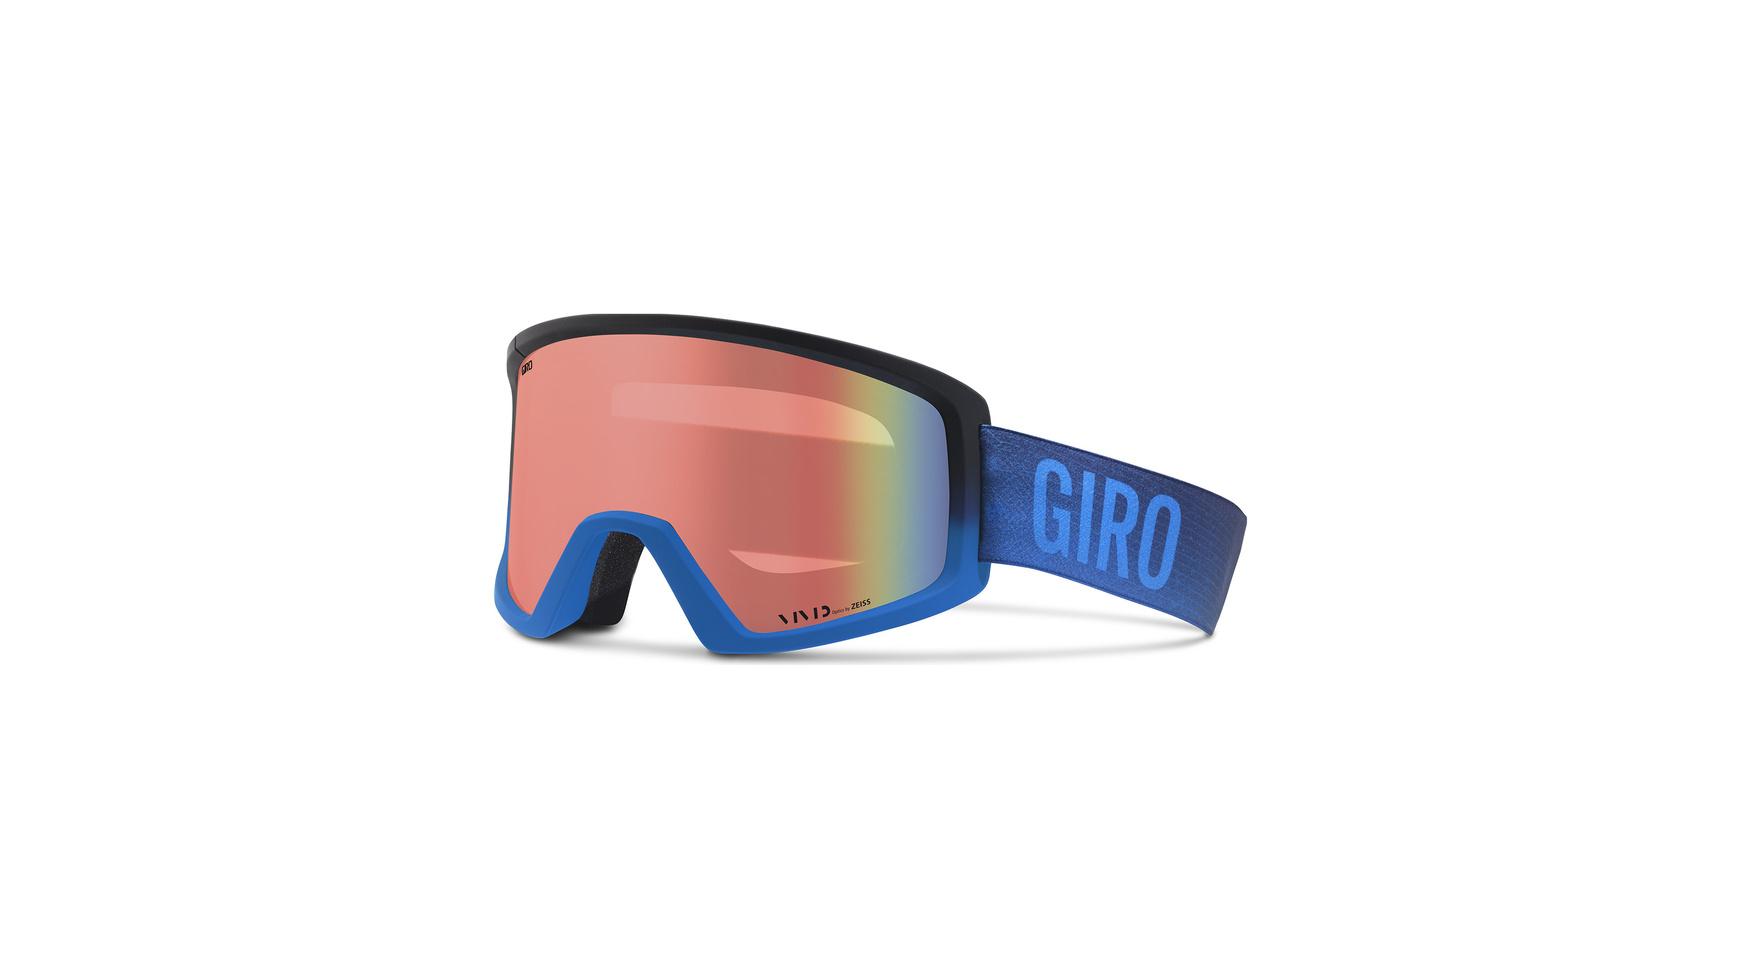 300058015_giro_g_blok_bluefaded_vividinfrared_main